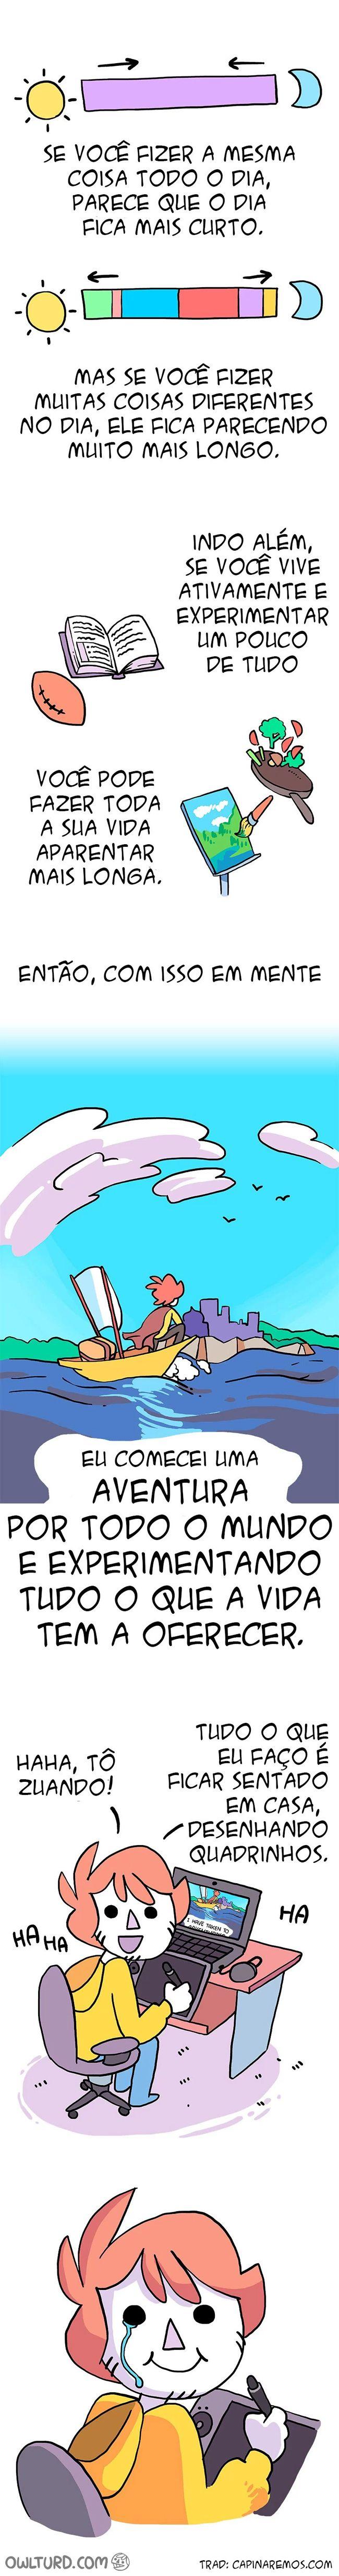 Satirinhas - Quadrinhos, tirinhas, curiosidades e muito mais! - Part 33